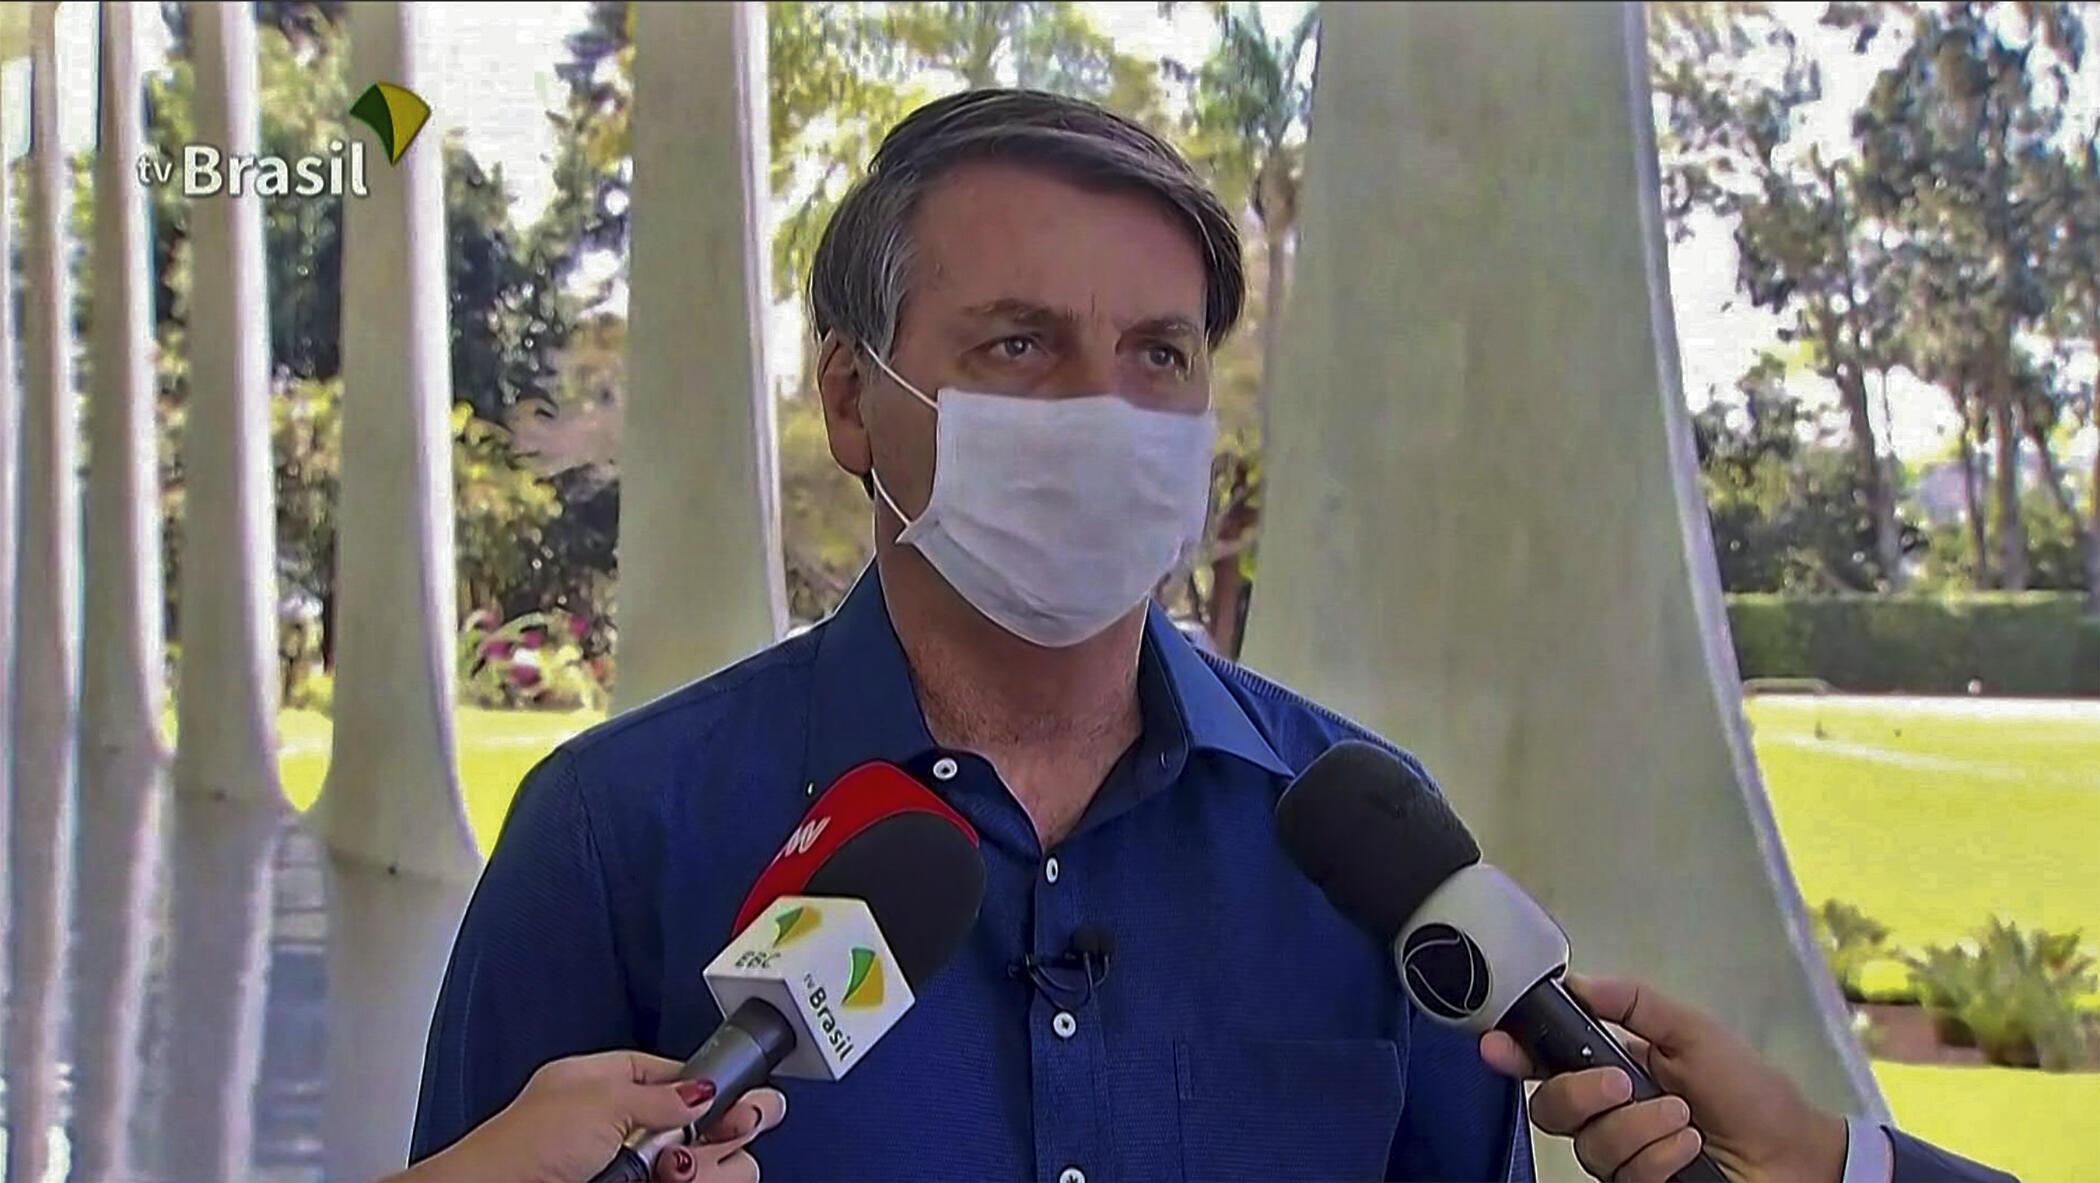 El presidente de Brasil, Jair Bolsonaro, en entrevista con la prensa, en Brasilia, el 7 de julio de 2020.